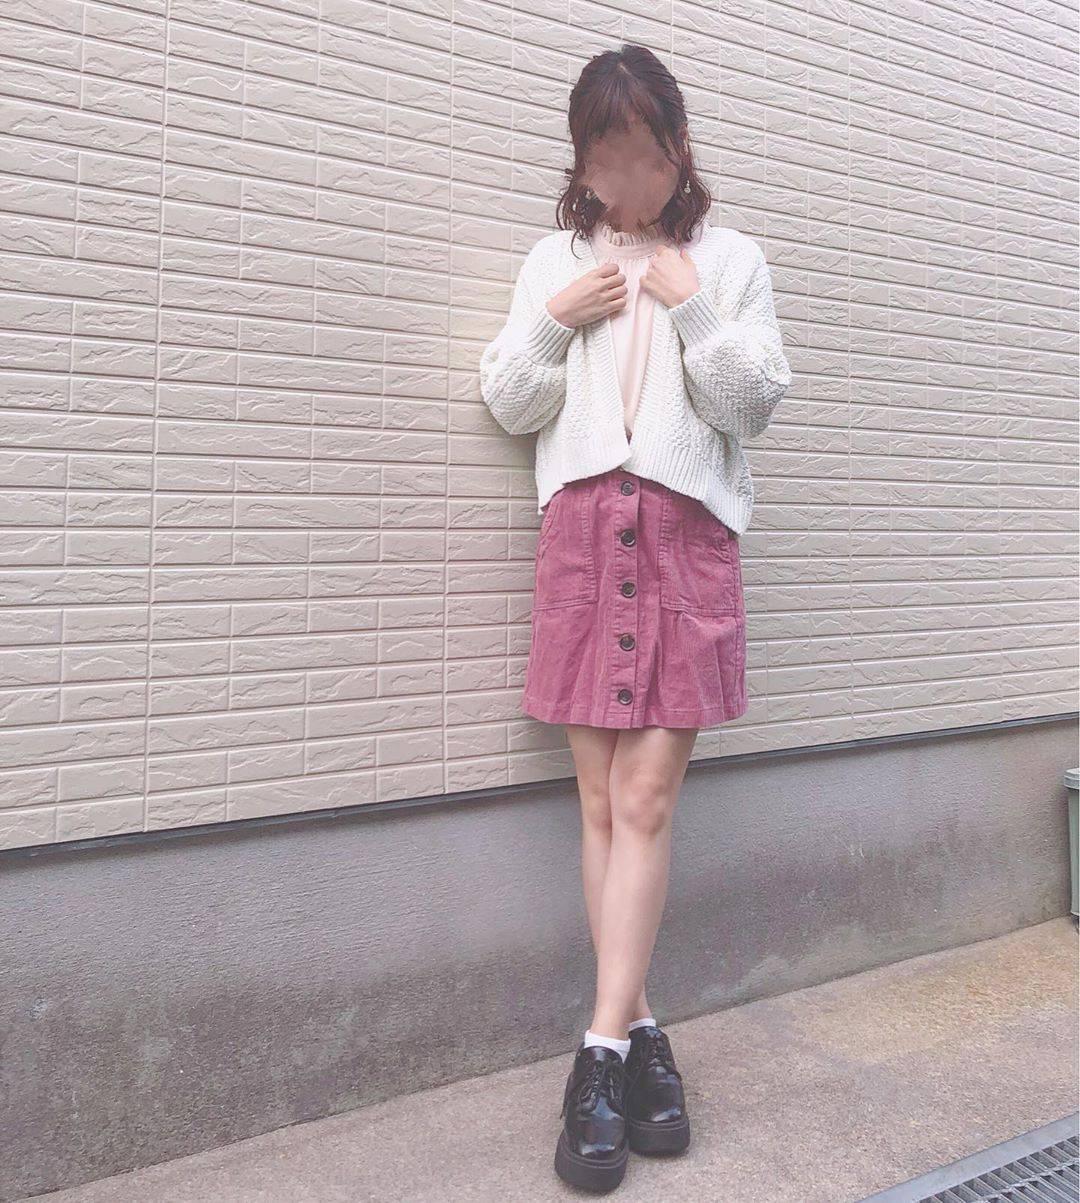 最高気温18度・最低気温15度 flower_22227の服装